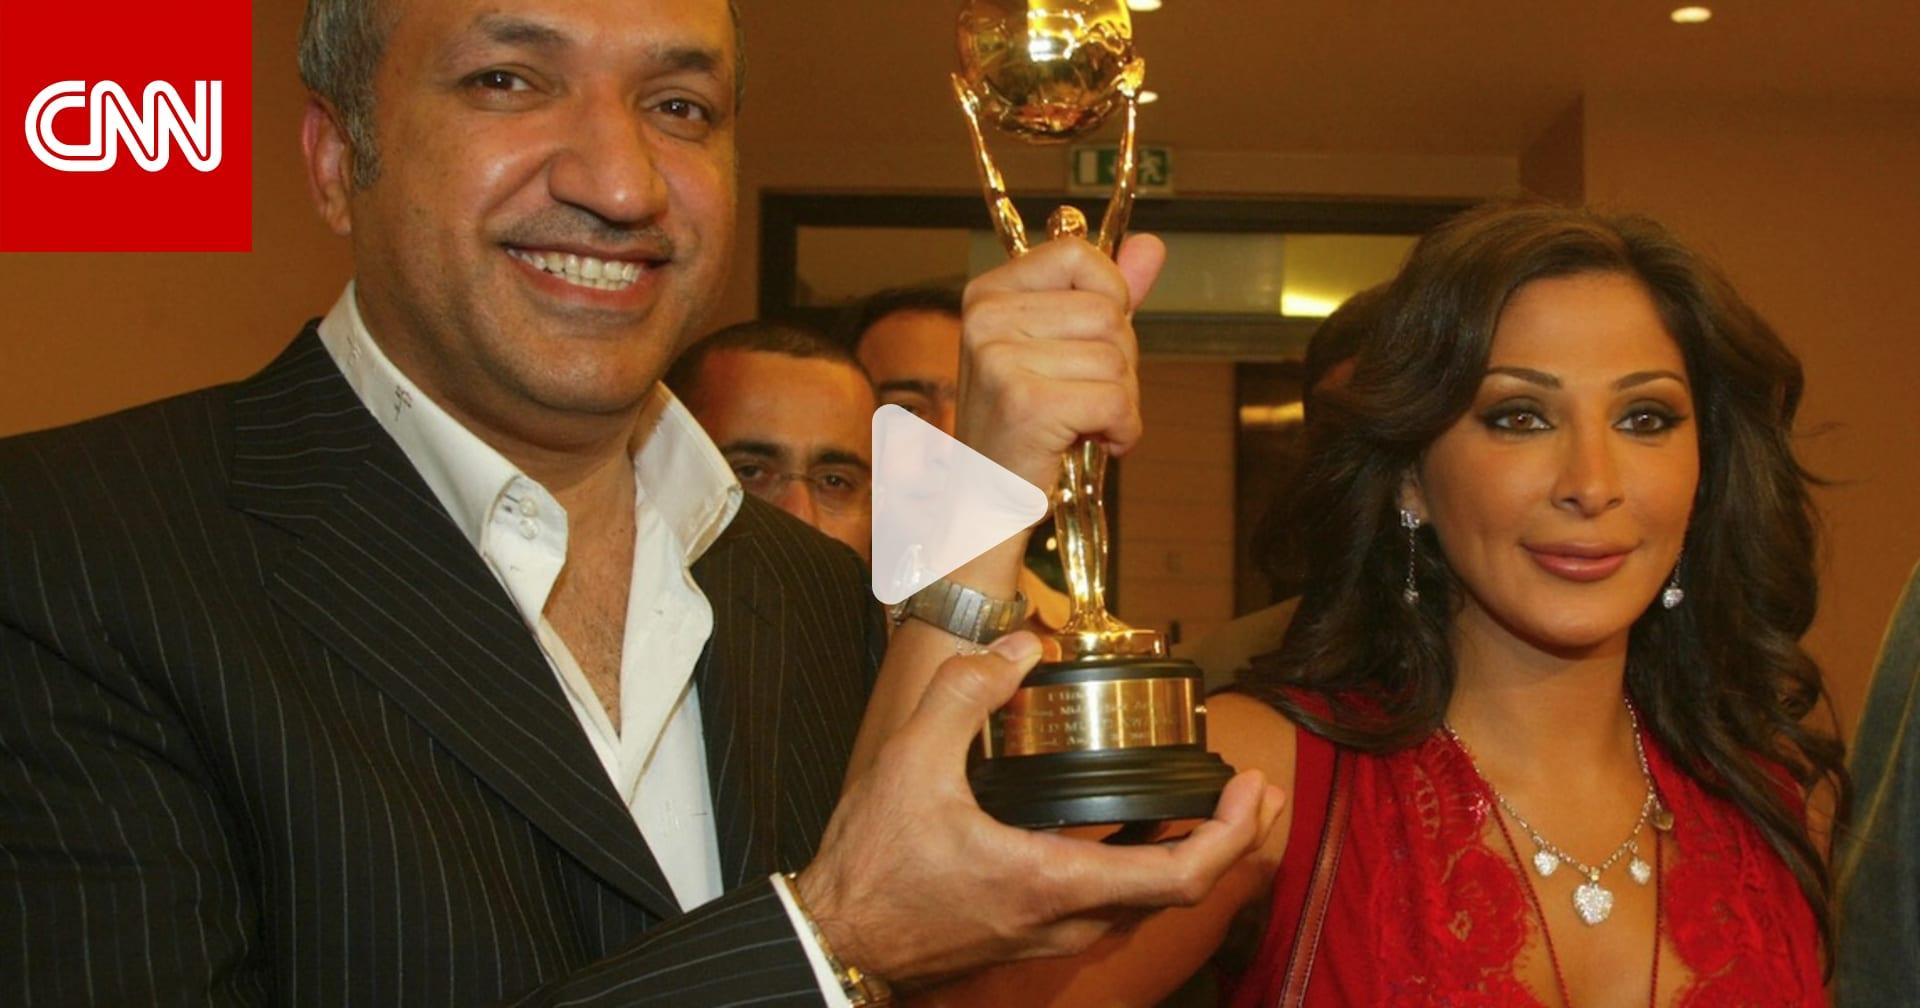 الرئيس التنفيذي لروتانا يوجه رسالة للفنانة أليسا عبر CNN بالعربية.. ماهي؟